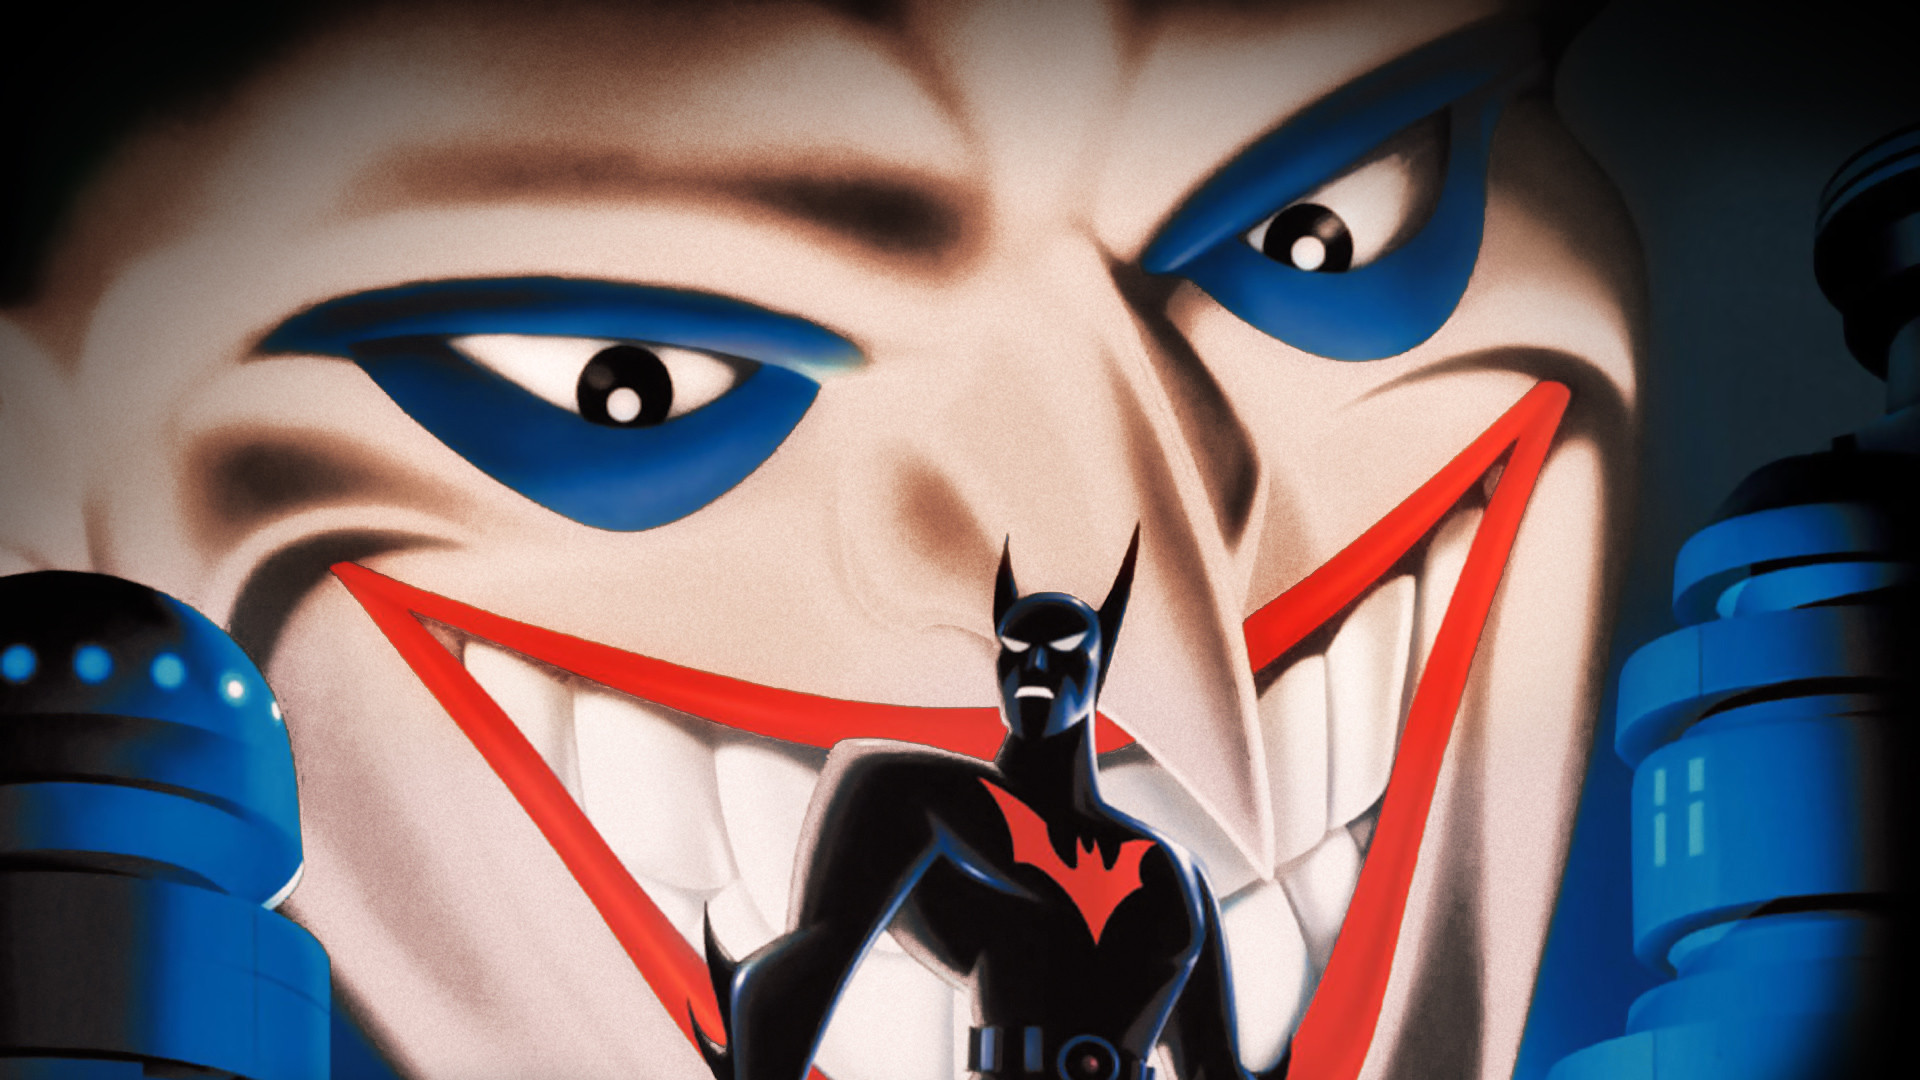 3 Batman Beyond: Return of the Joker HD Wallpapers | Backgrounds – Wallpaper  Abyss